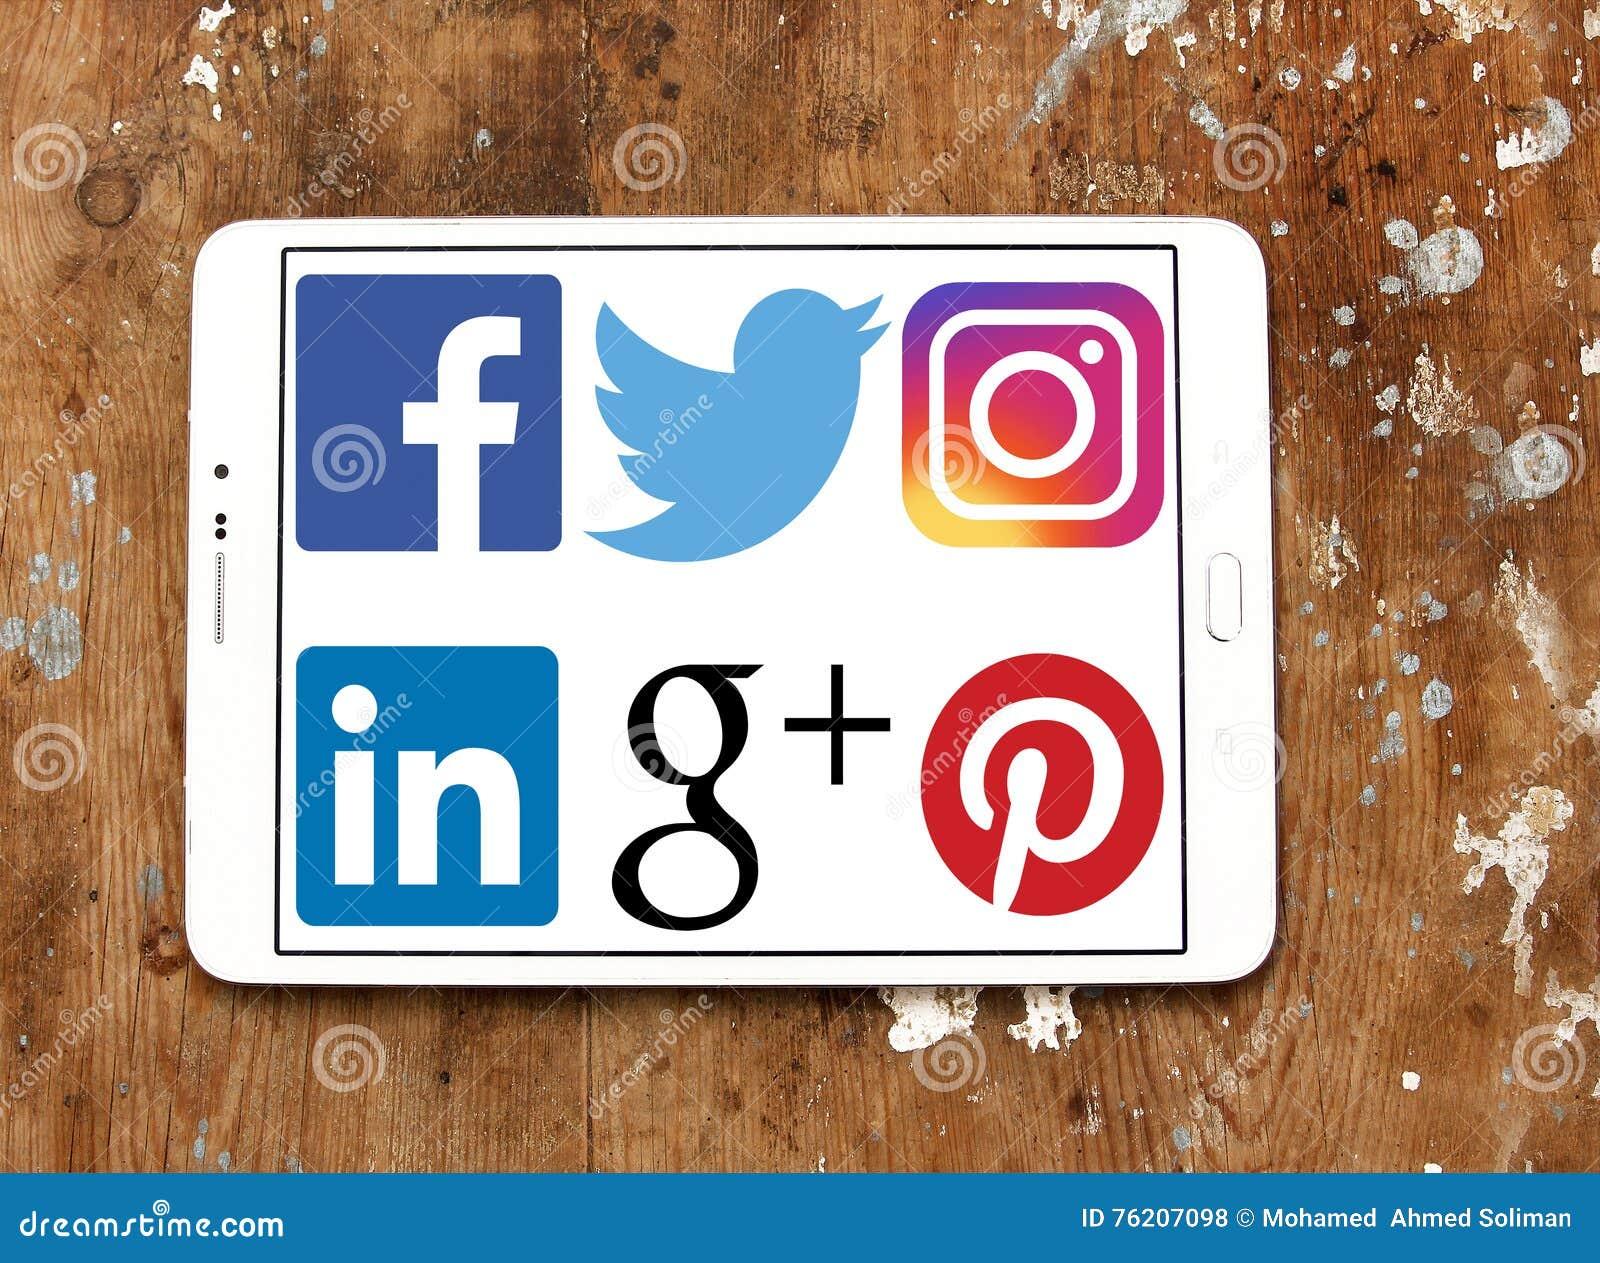 social media network logos